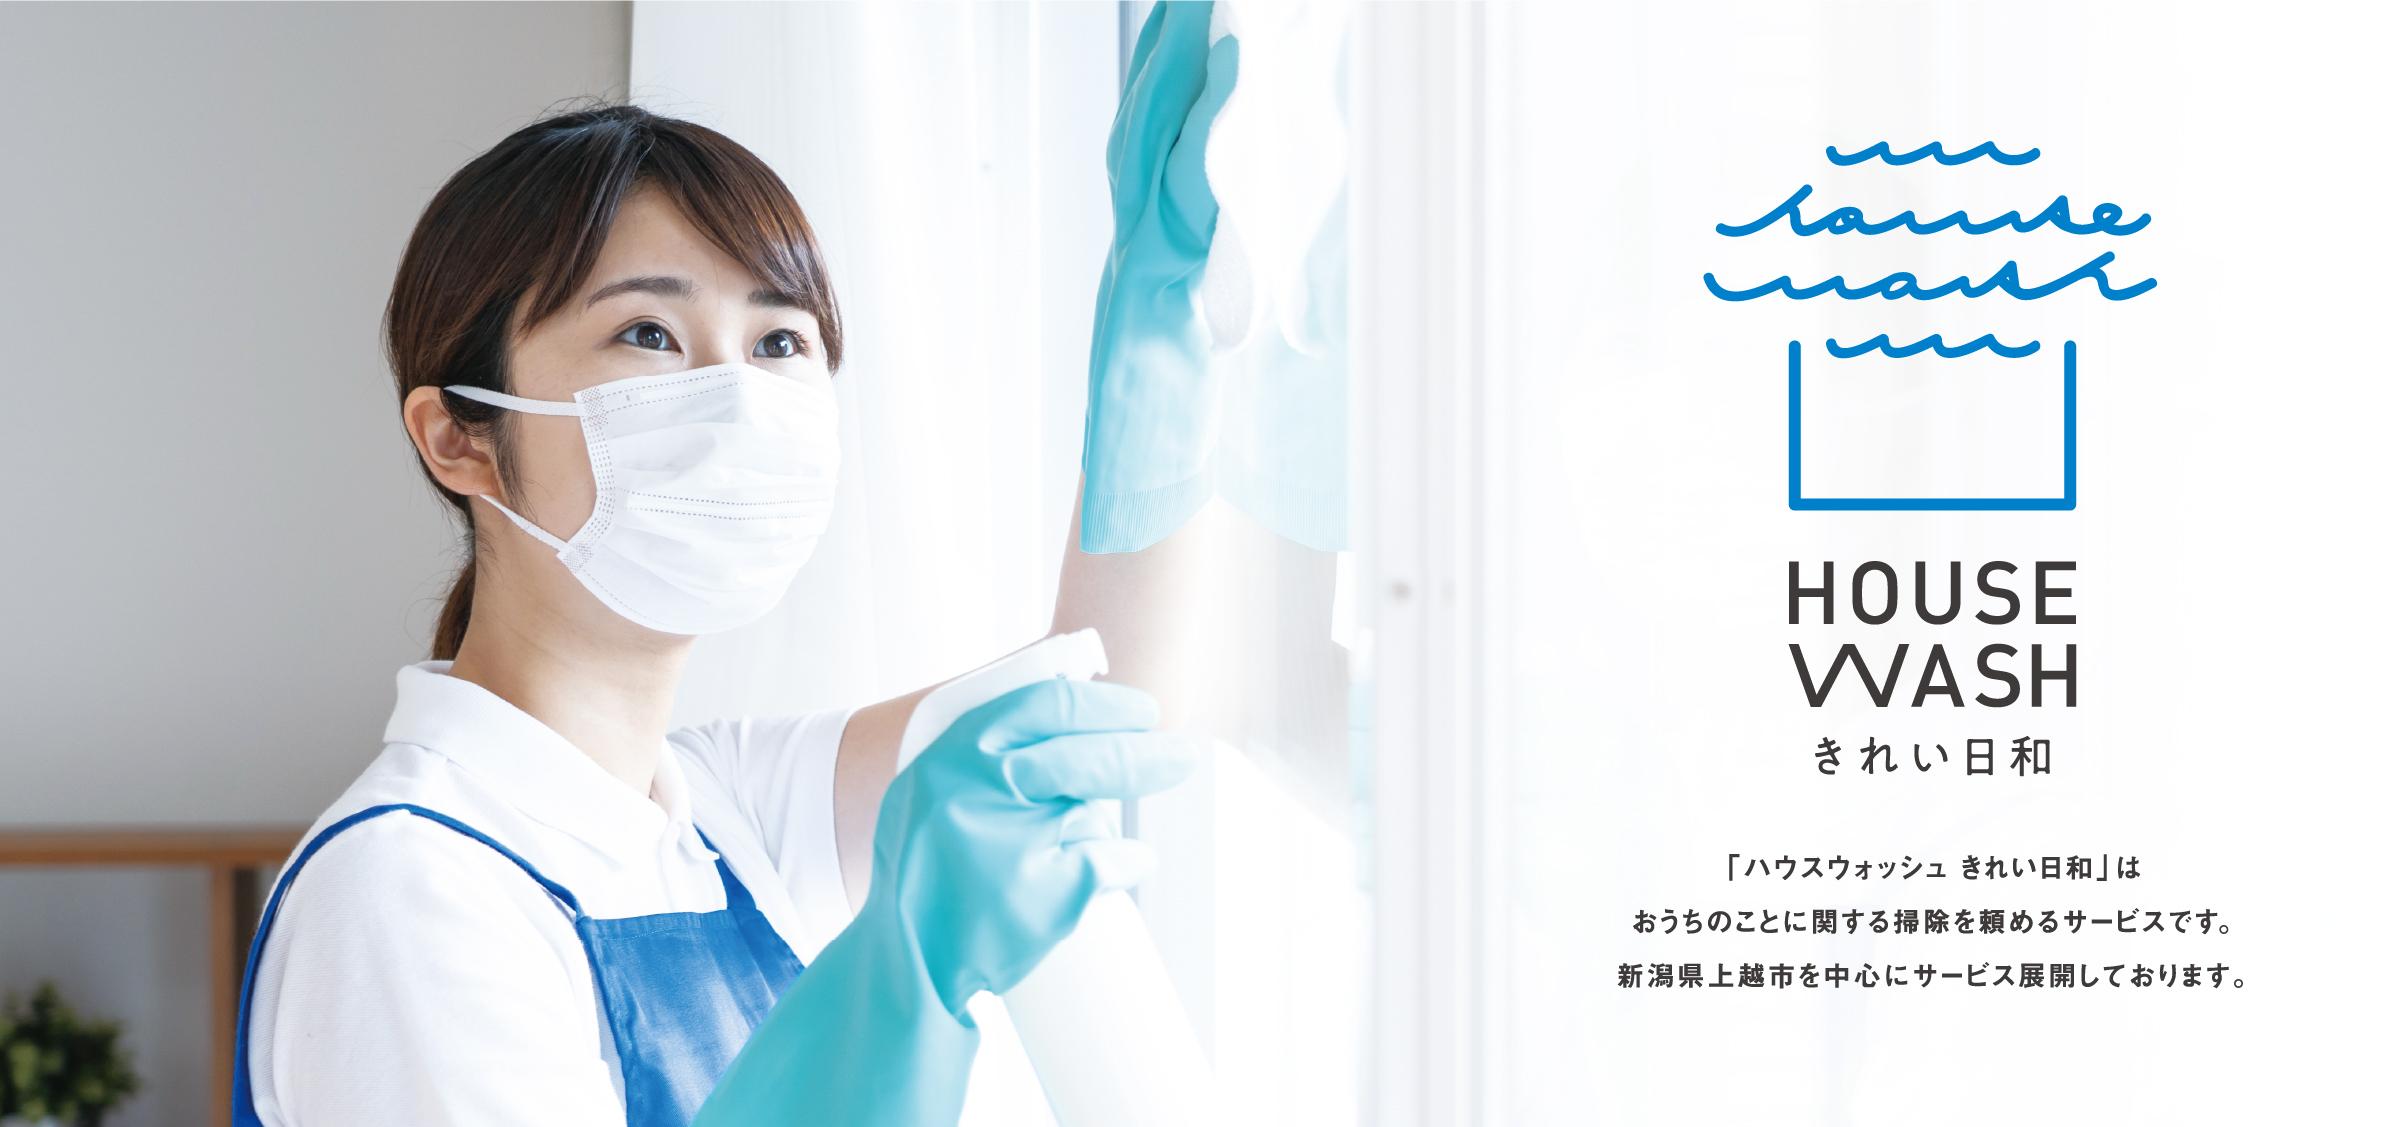 「ハウスウォッシュ きれい日和」はおうちのことに関する掃除を頼めるサービスです。新潟県上越市を中心にサービス展開しております。